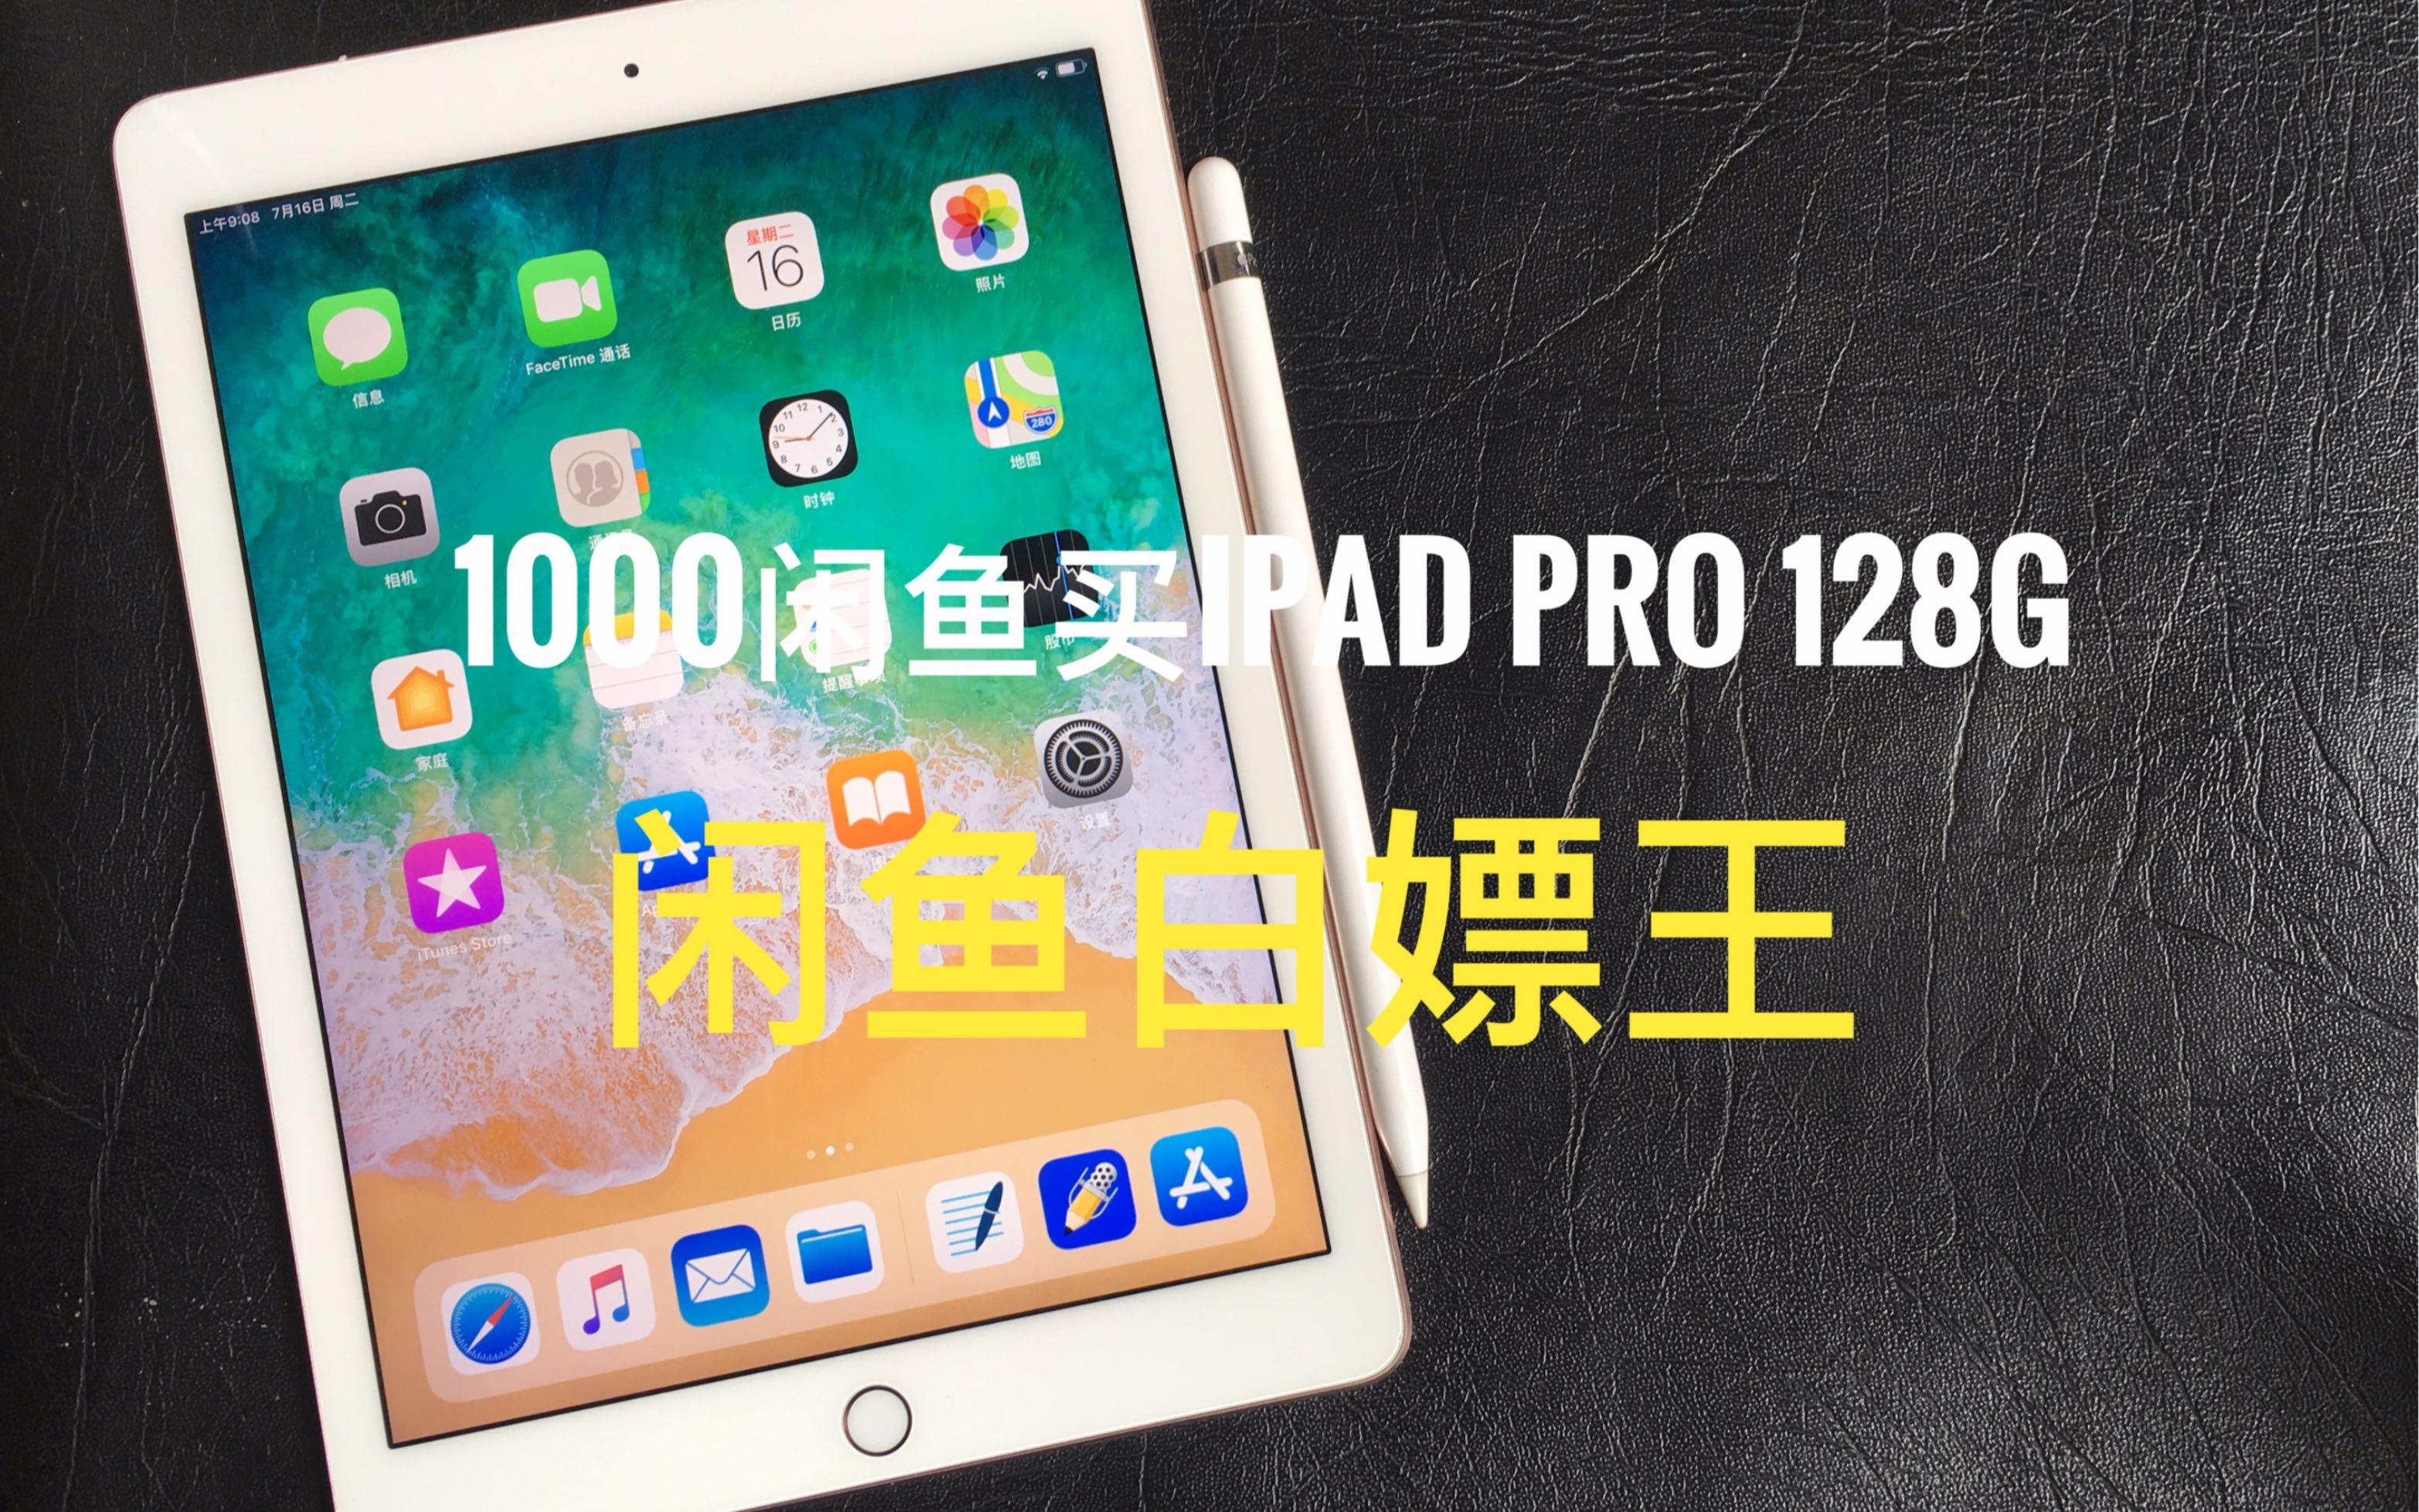 1000闲鱼iPad Pro9.7 128g,穷学生捡垃圾推荐系列开箱评测